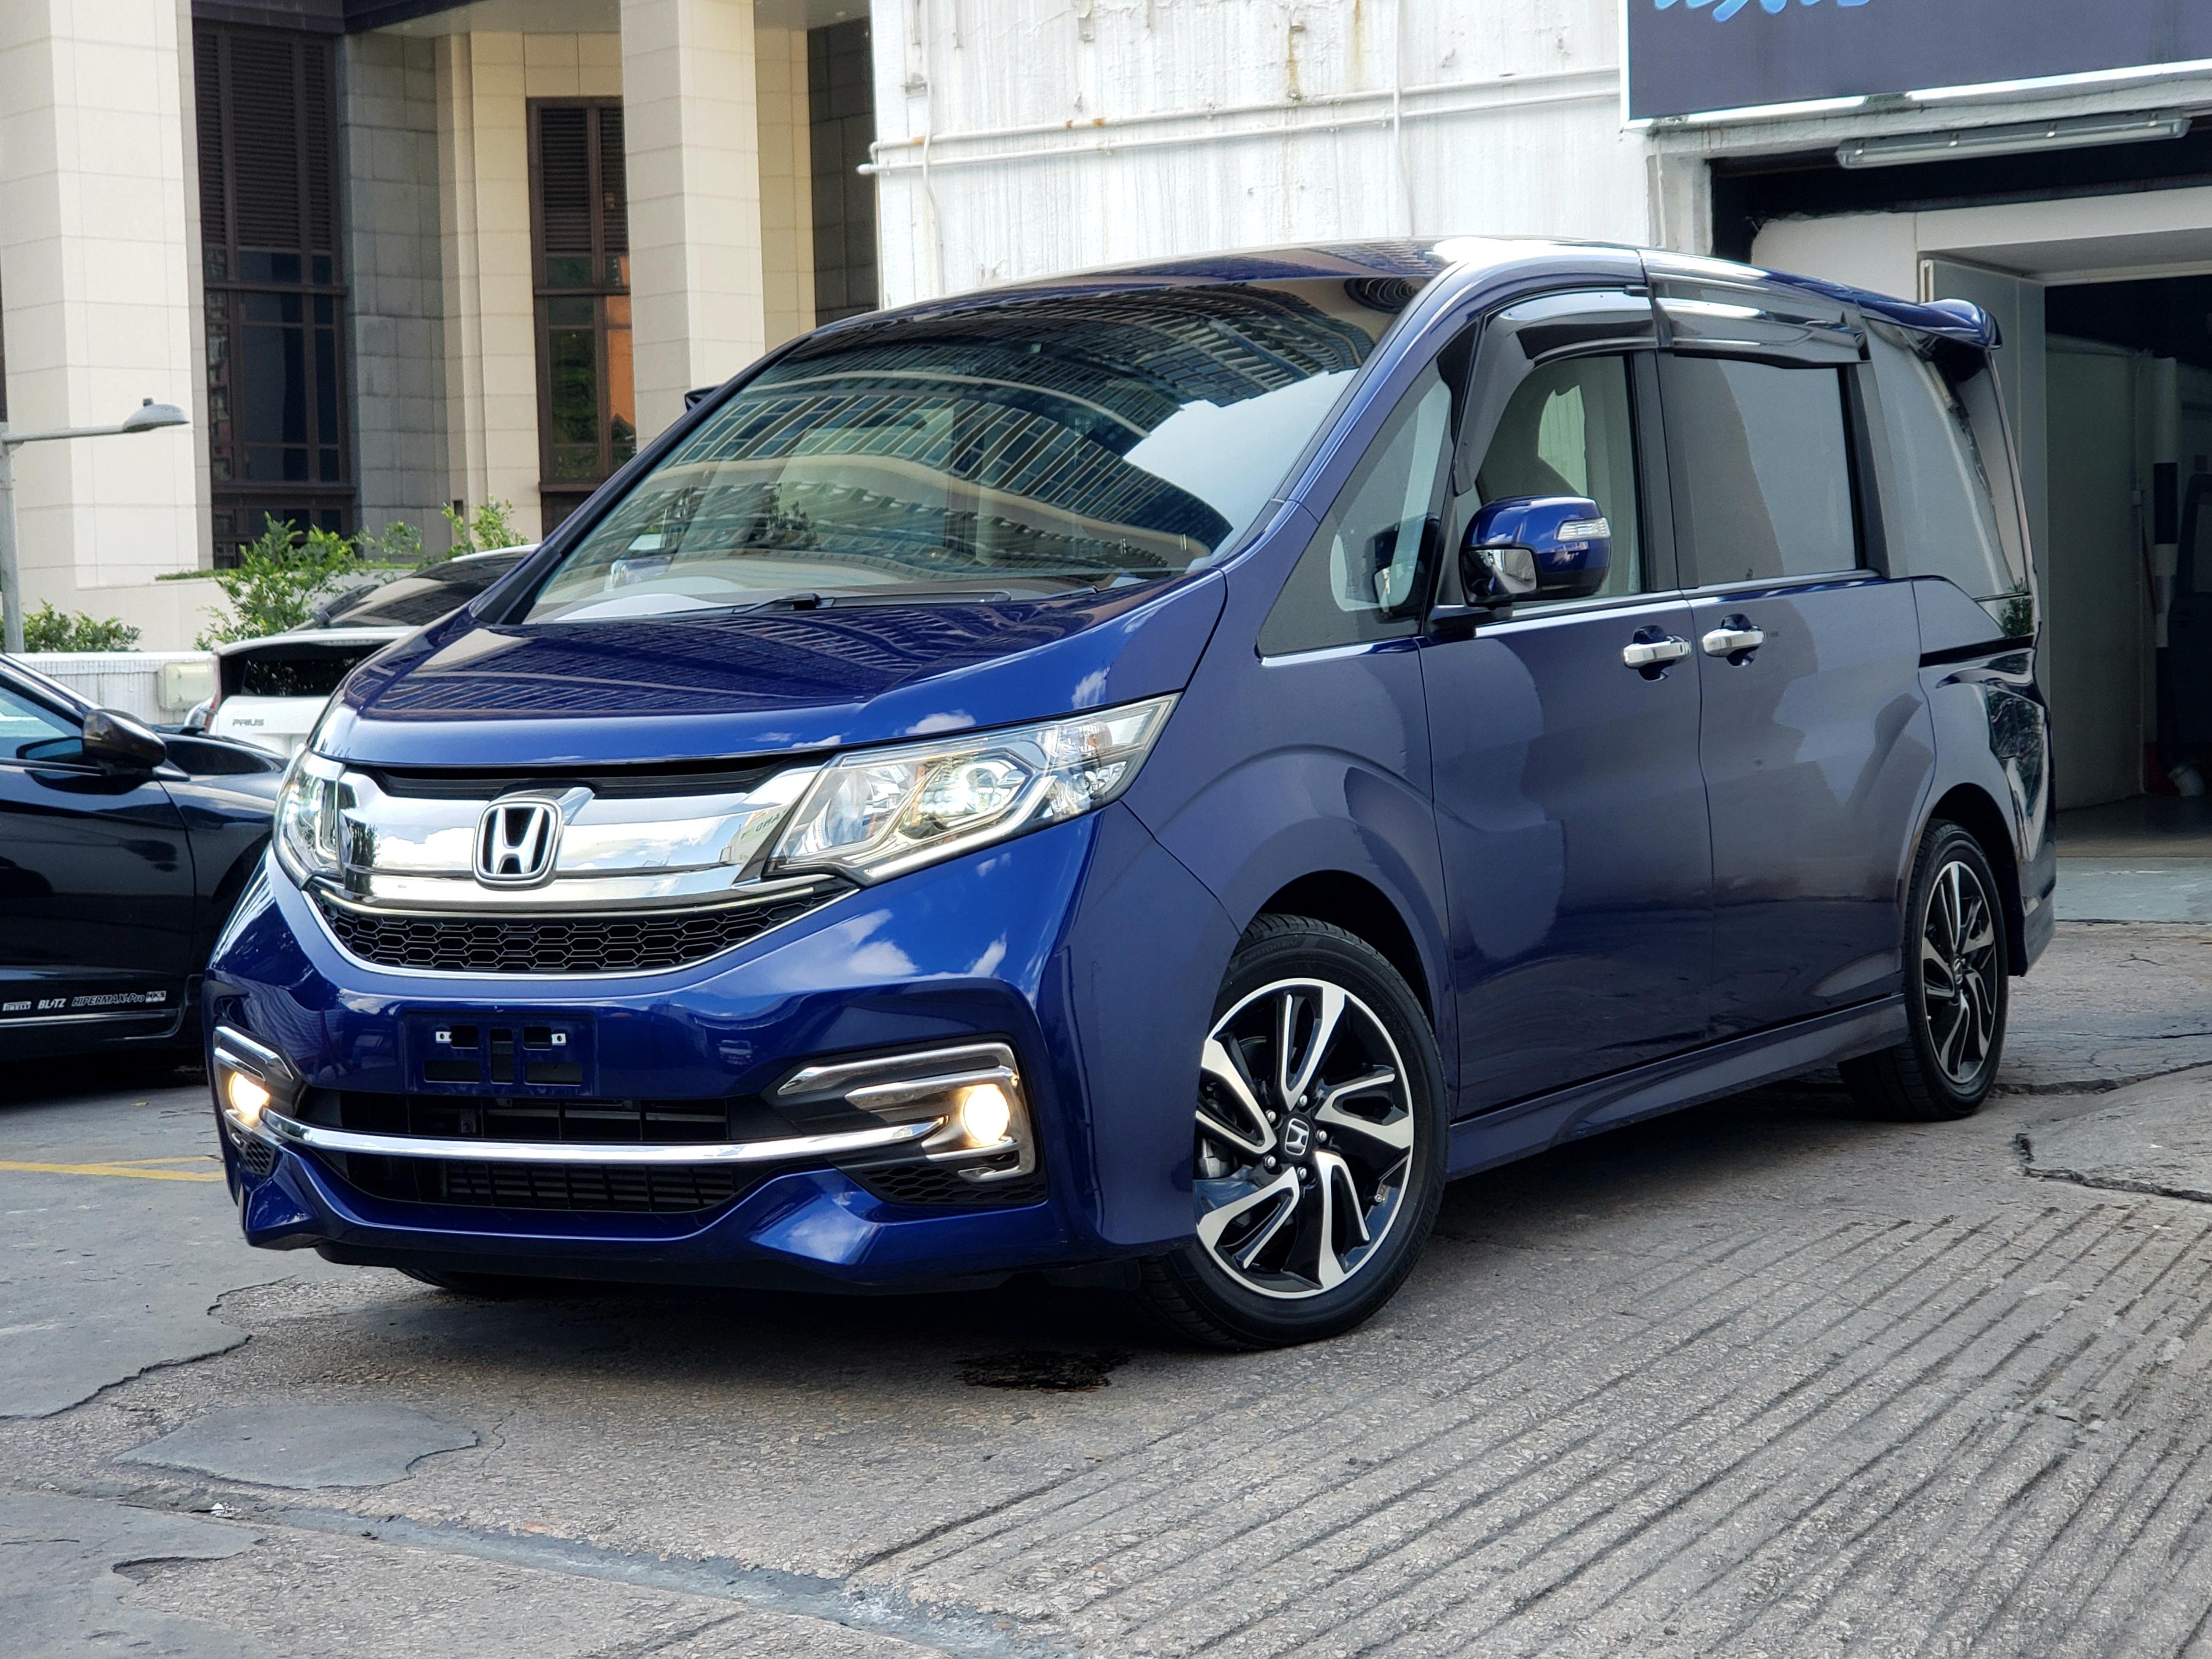 本田 Honda STEPWGN SPADA 1.5T RP3 COOL - Price.com.hk 汽車買賣平台